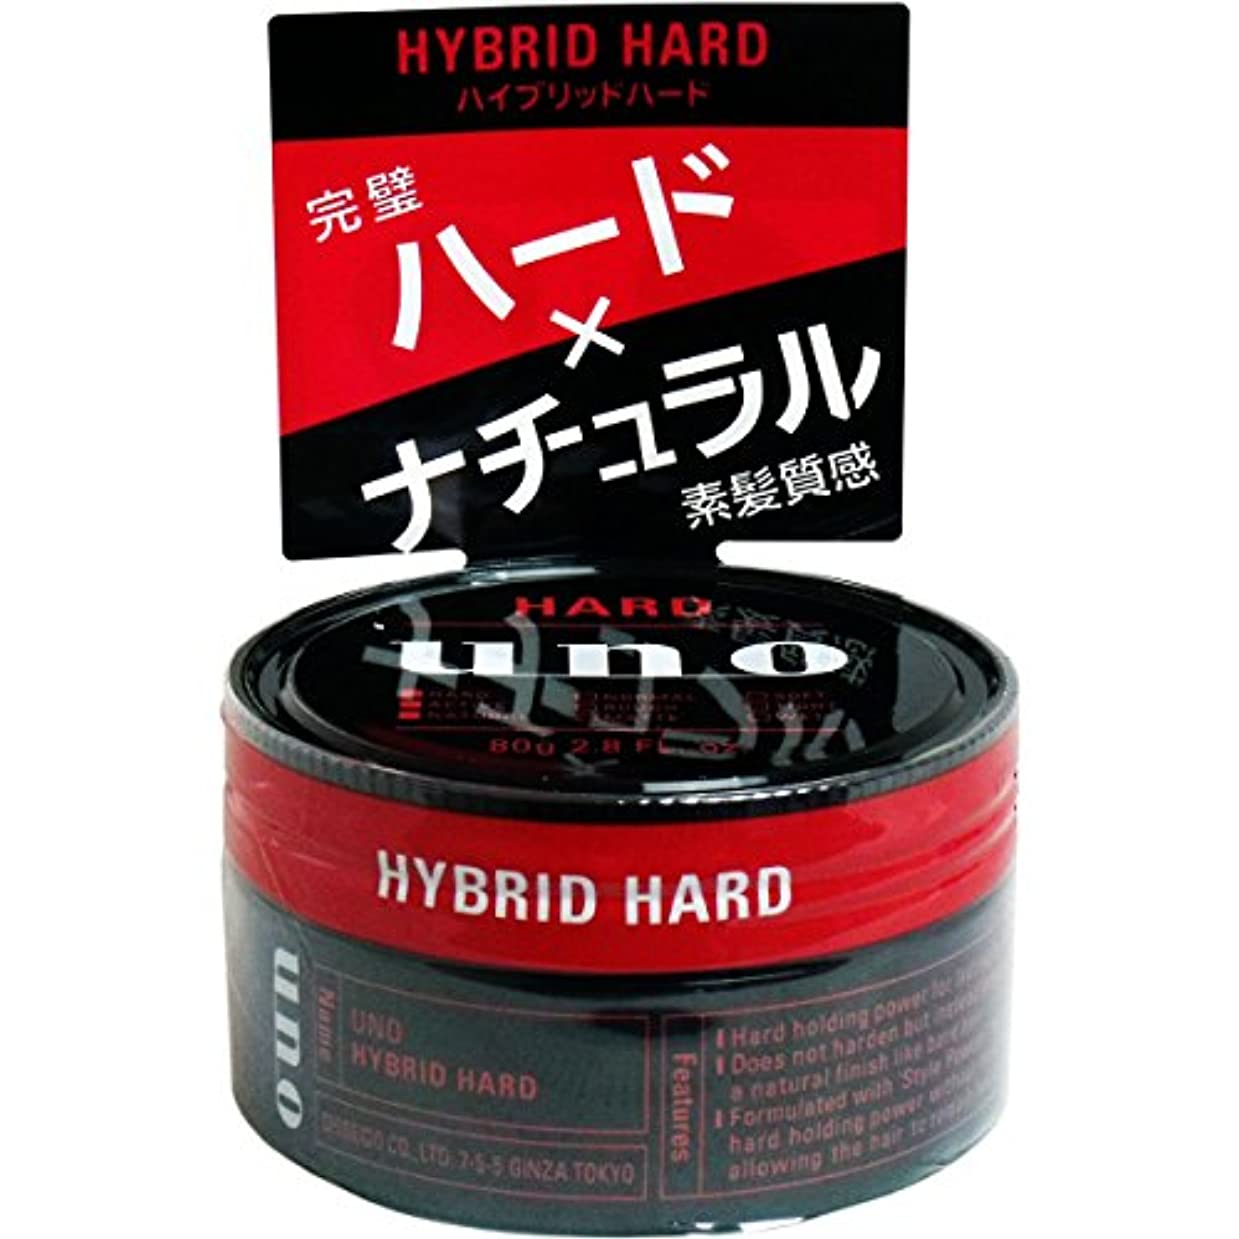 免除する落とし穴部分ウーノ ハイブリッドハード 80g ワックス×5